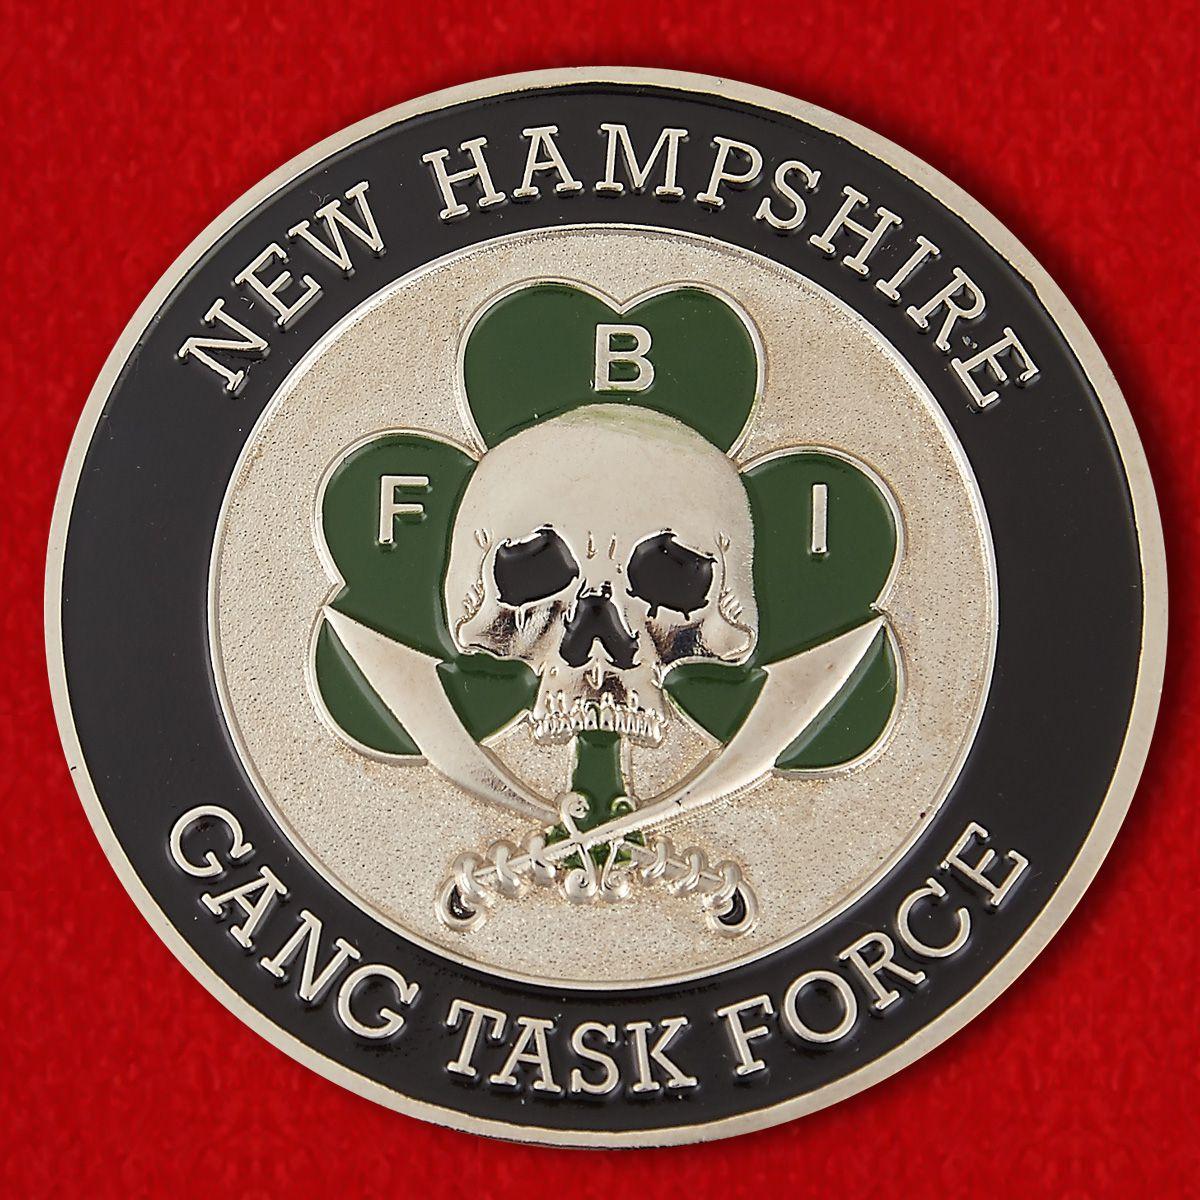 Челлендж коин оперативной группы ФБР в Нью-Гемпшире